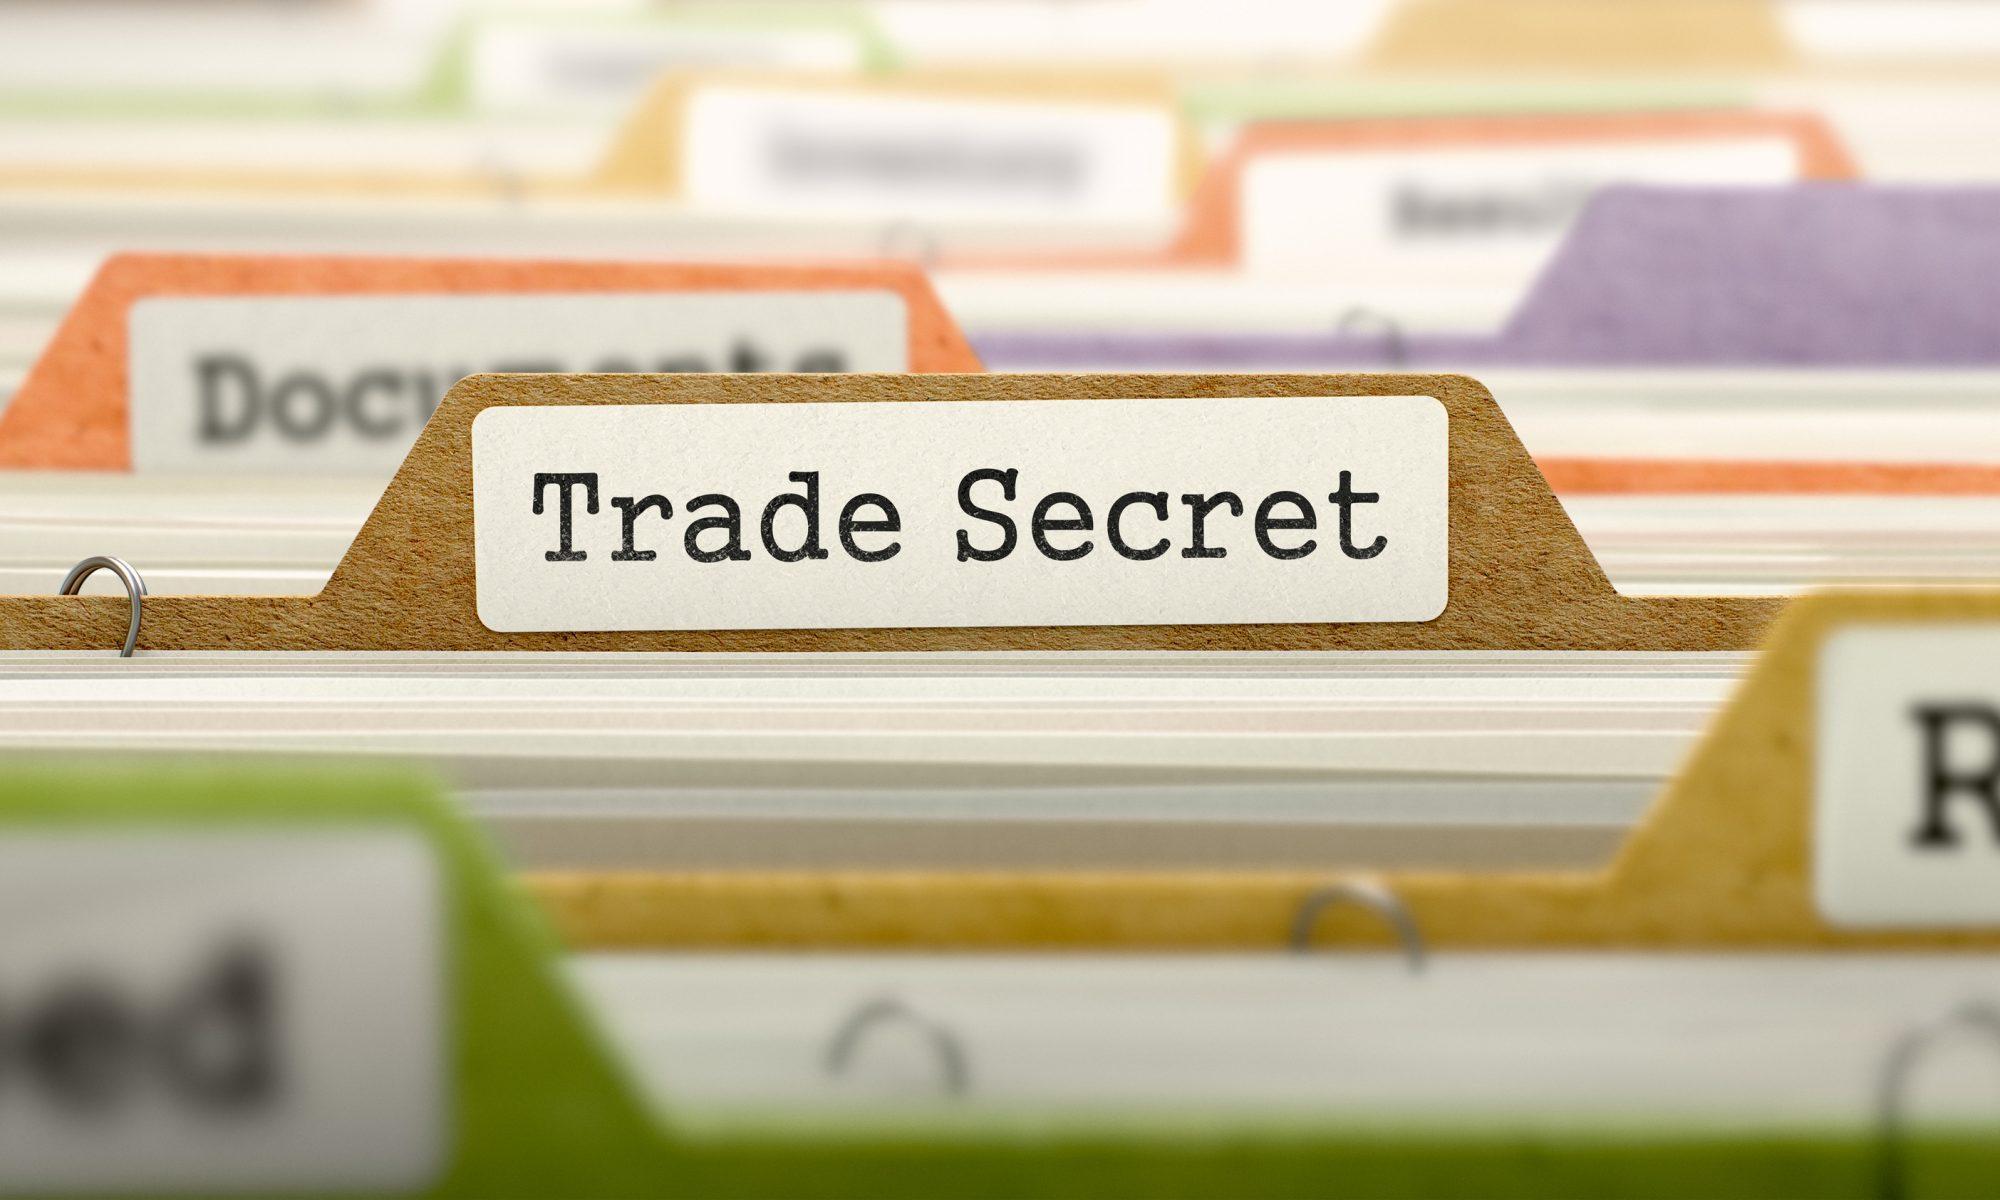 Tutela dei segreti commerciali, che cambia col decreto 63/2018 | Agenda Digitale